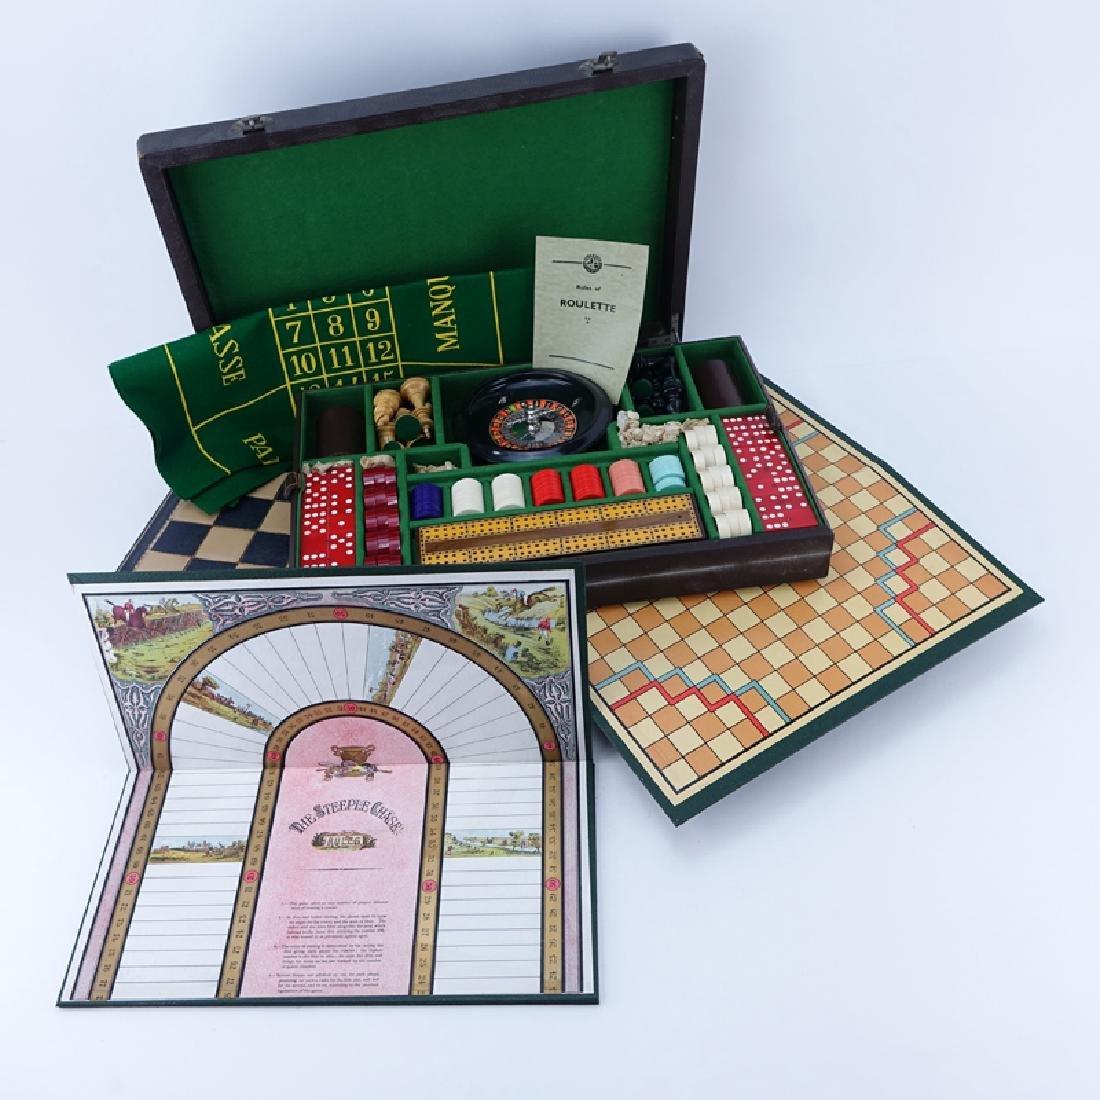 Vintage Ayrgames Multi-Game Set In Case. Includes